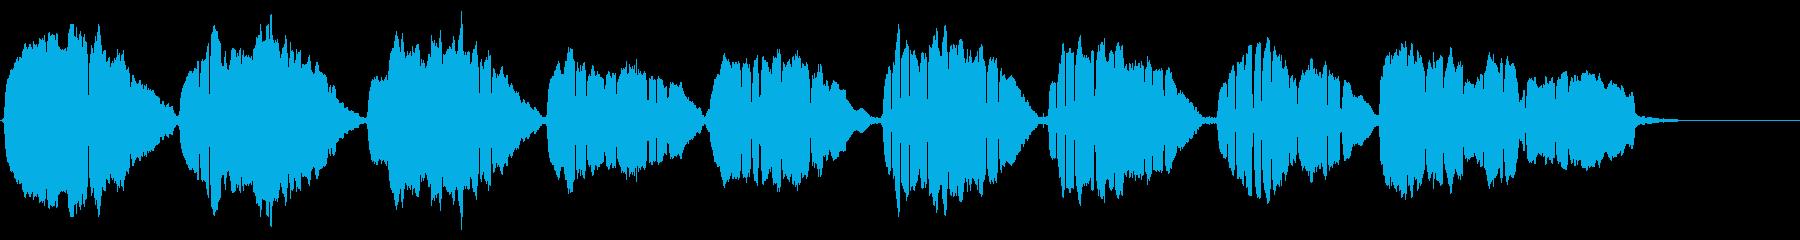 怖い「通りゃんせ」のアコーディオンソロの再生済みの波形